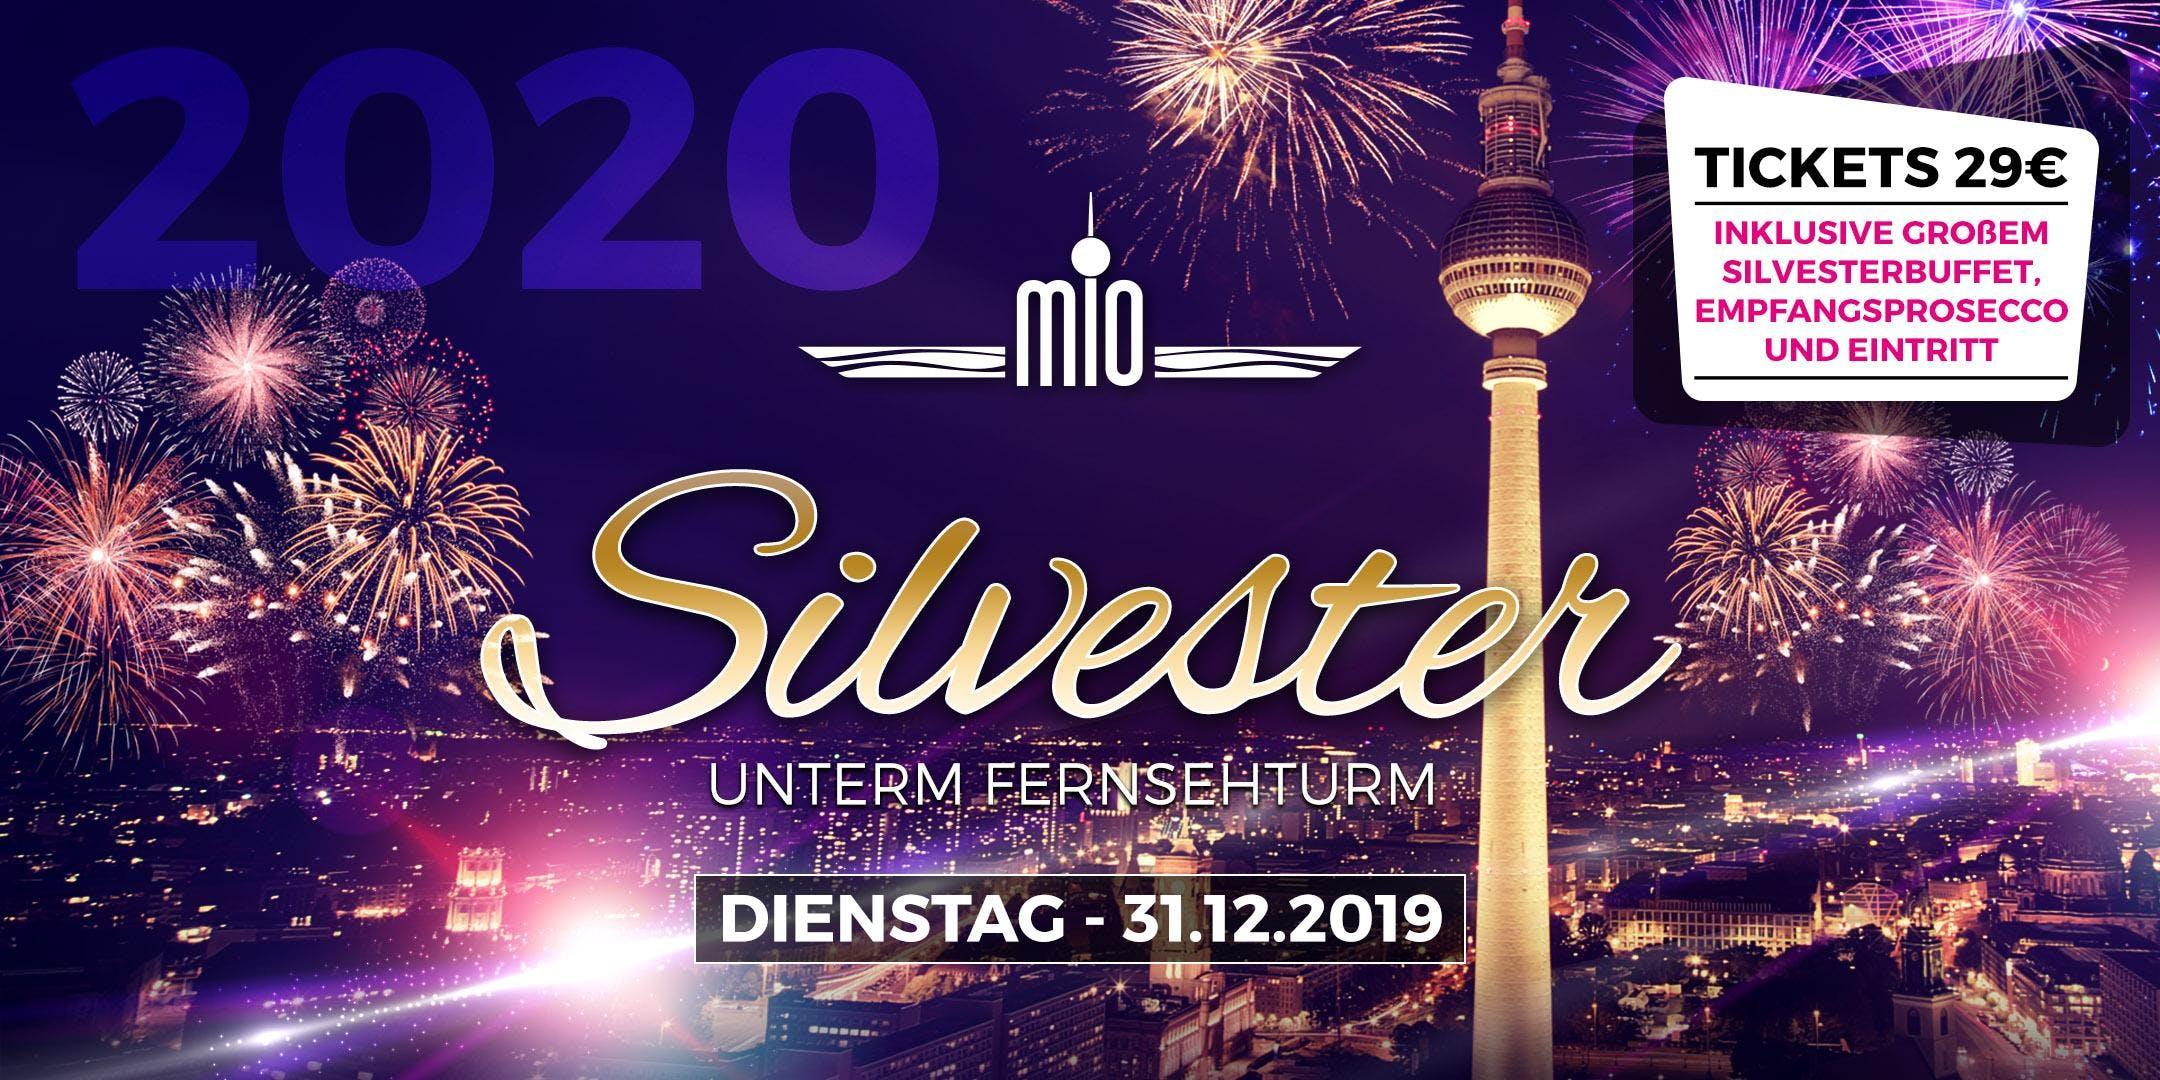 Silvester 20192020 unter dem Berliner Fernsehturm inklusive Buffet und Prosecco Empfang